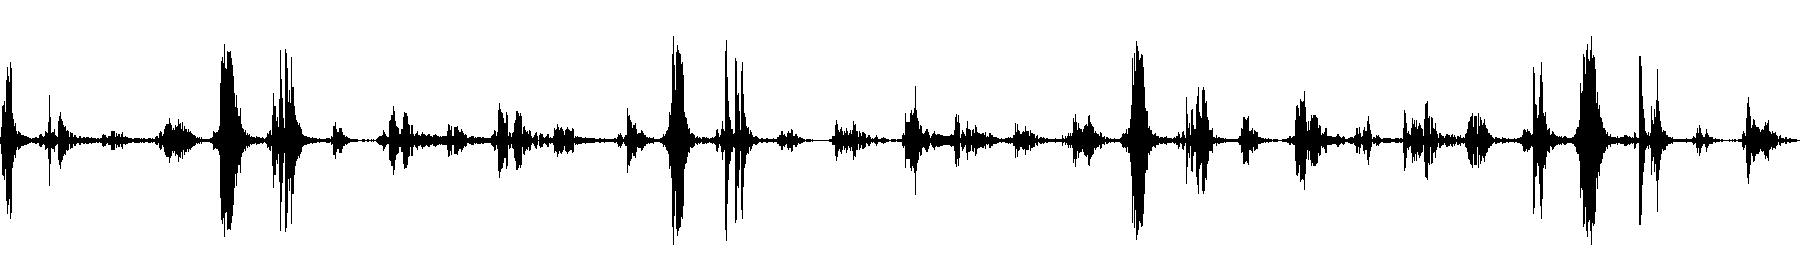 guitarfunk19 130